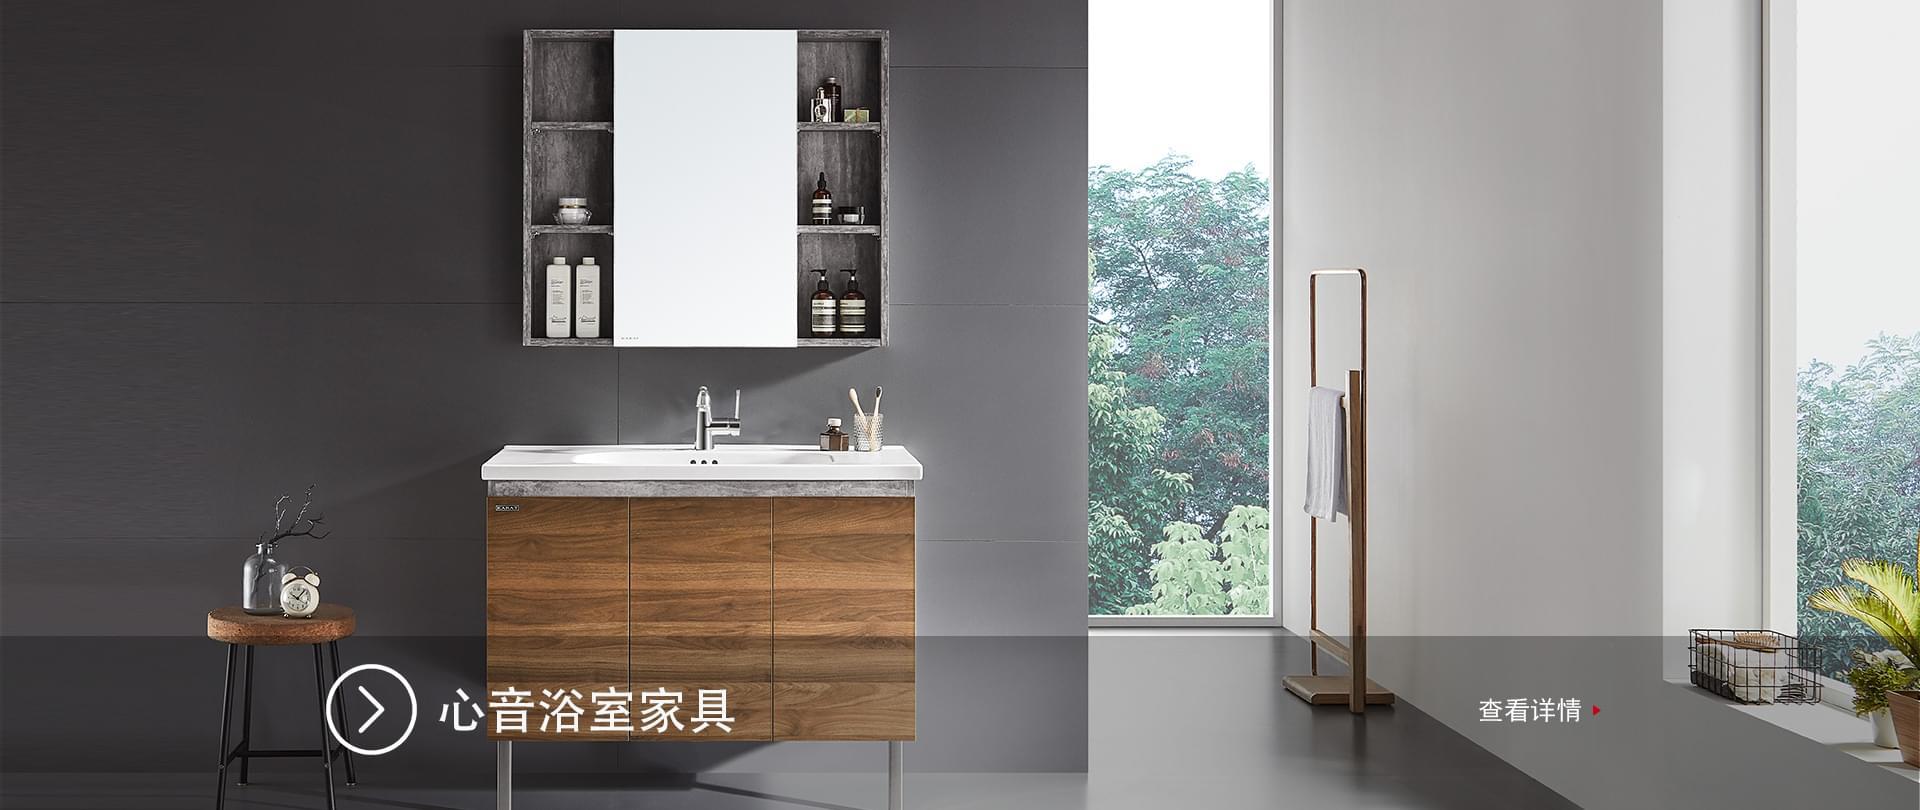 心音浴室家具